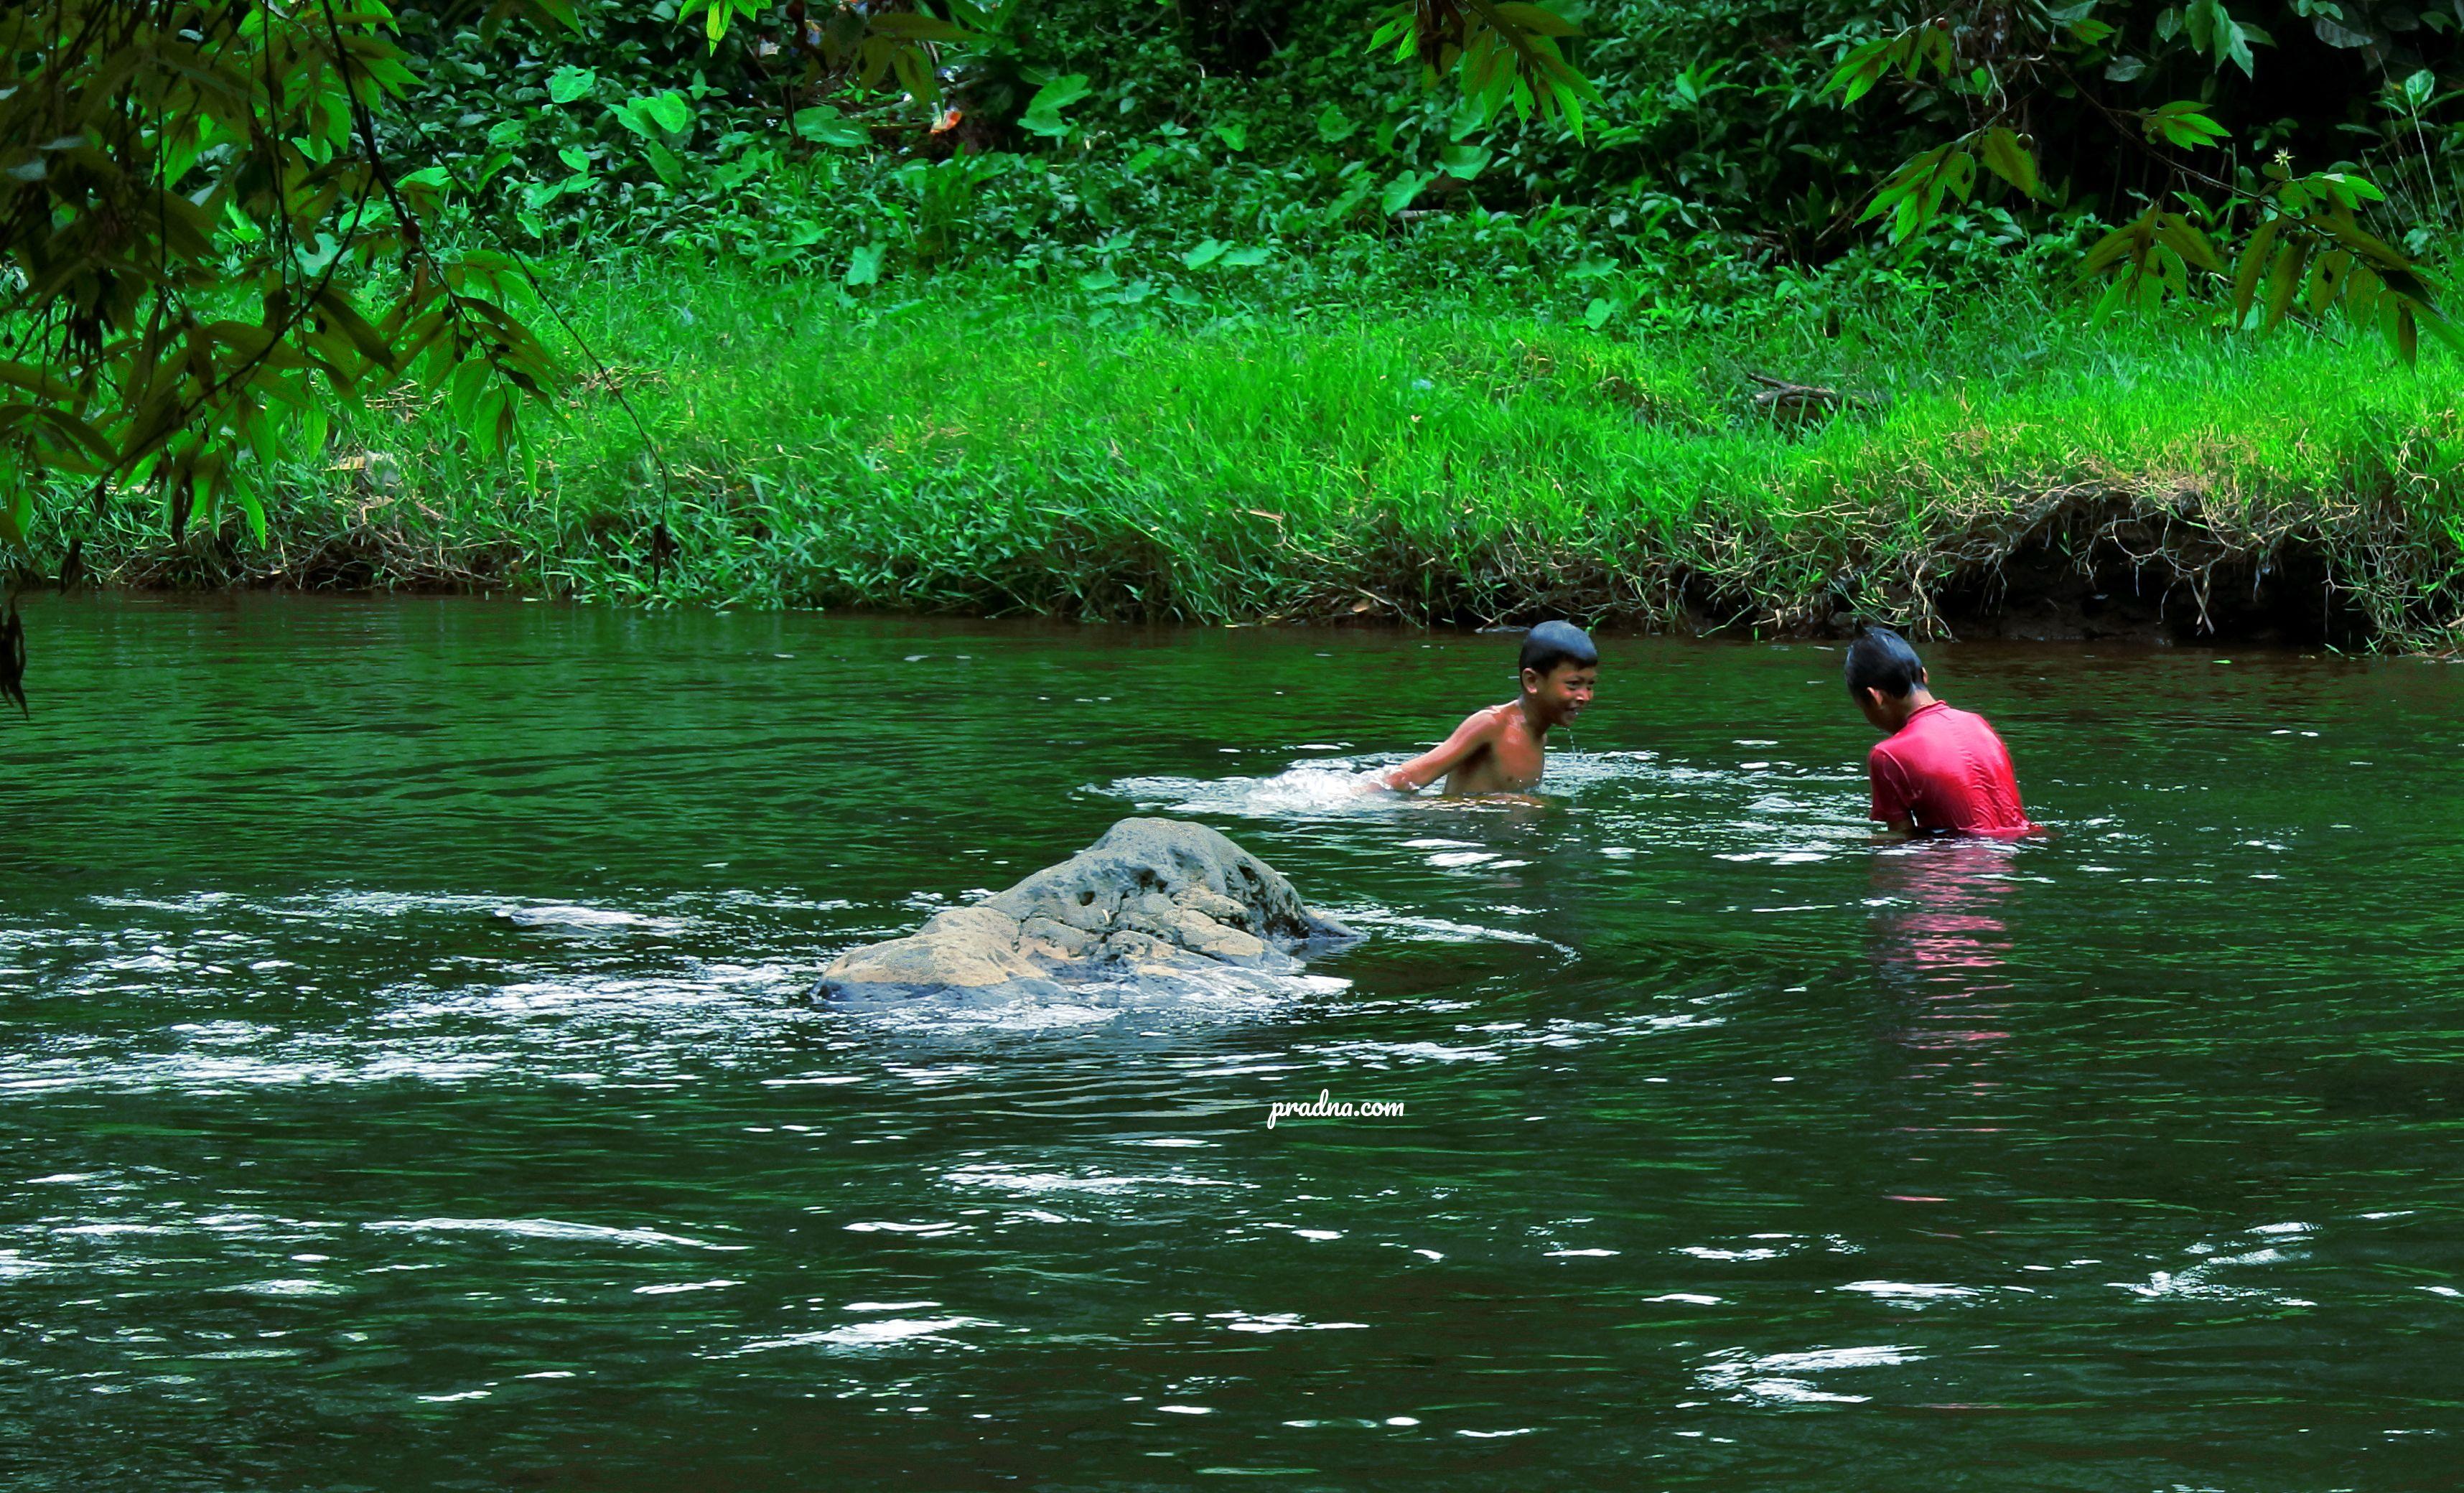 fotografi anak bermain di sungai bersih purwokerto